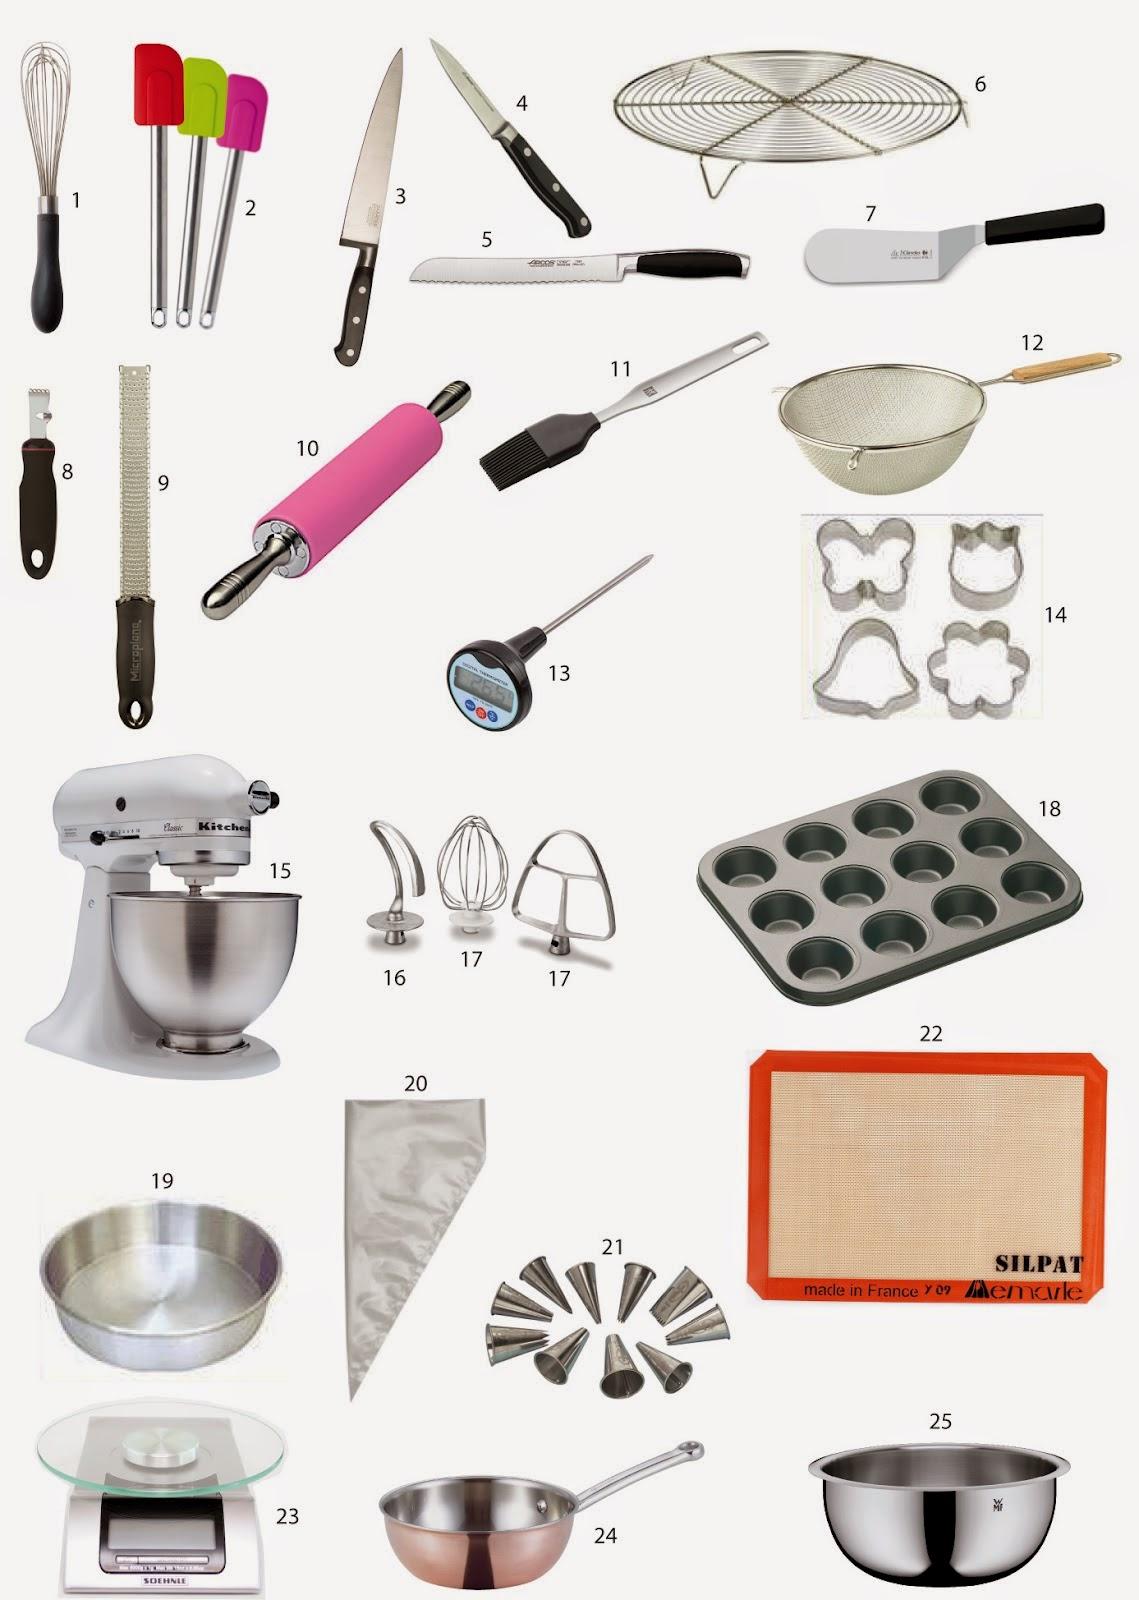 Reposteria materiales de pasteleria - Instrumentos de cocina ...